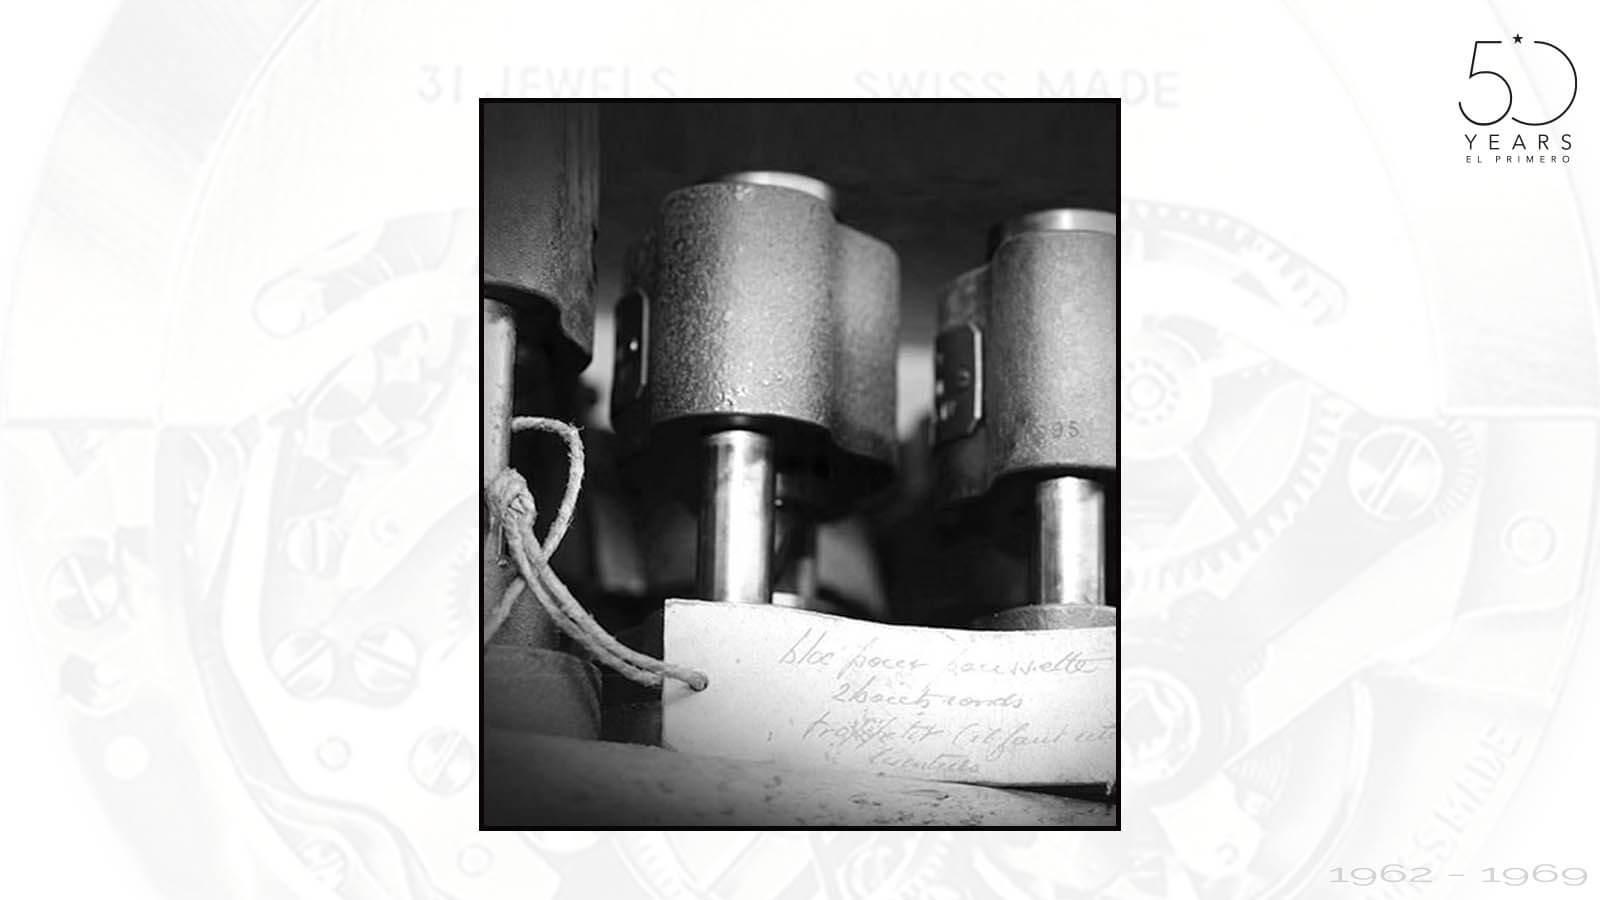 Senk-Werkzeuge für El Primero von Zenith um 1969